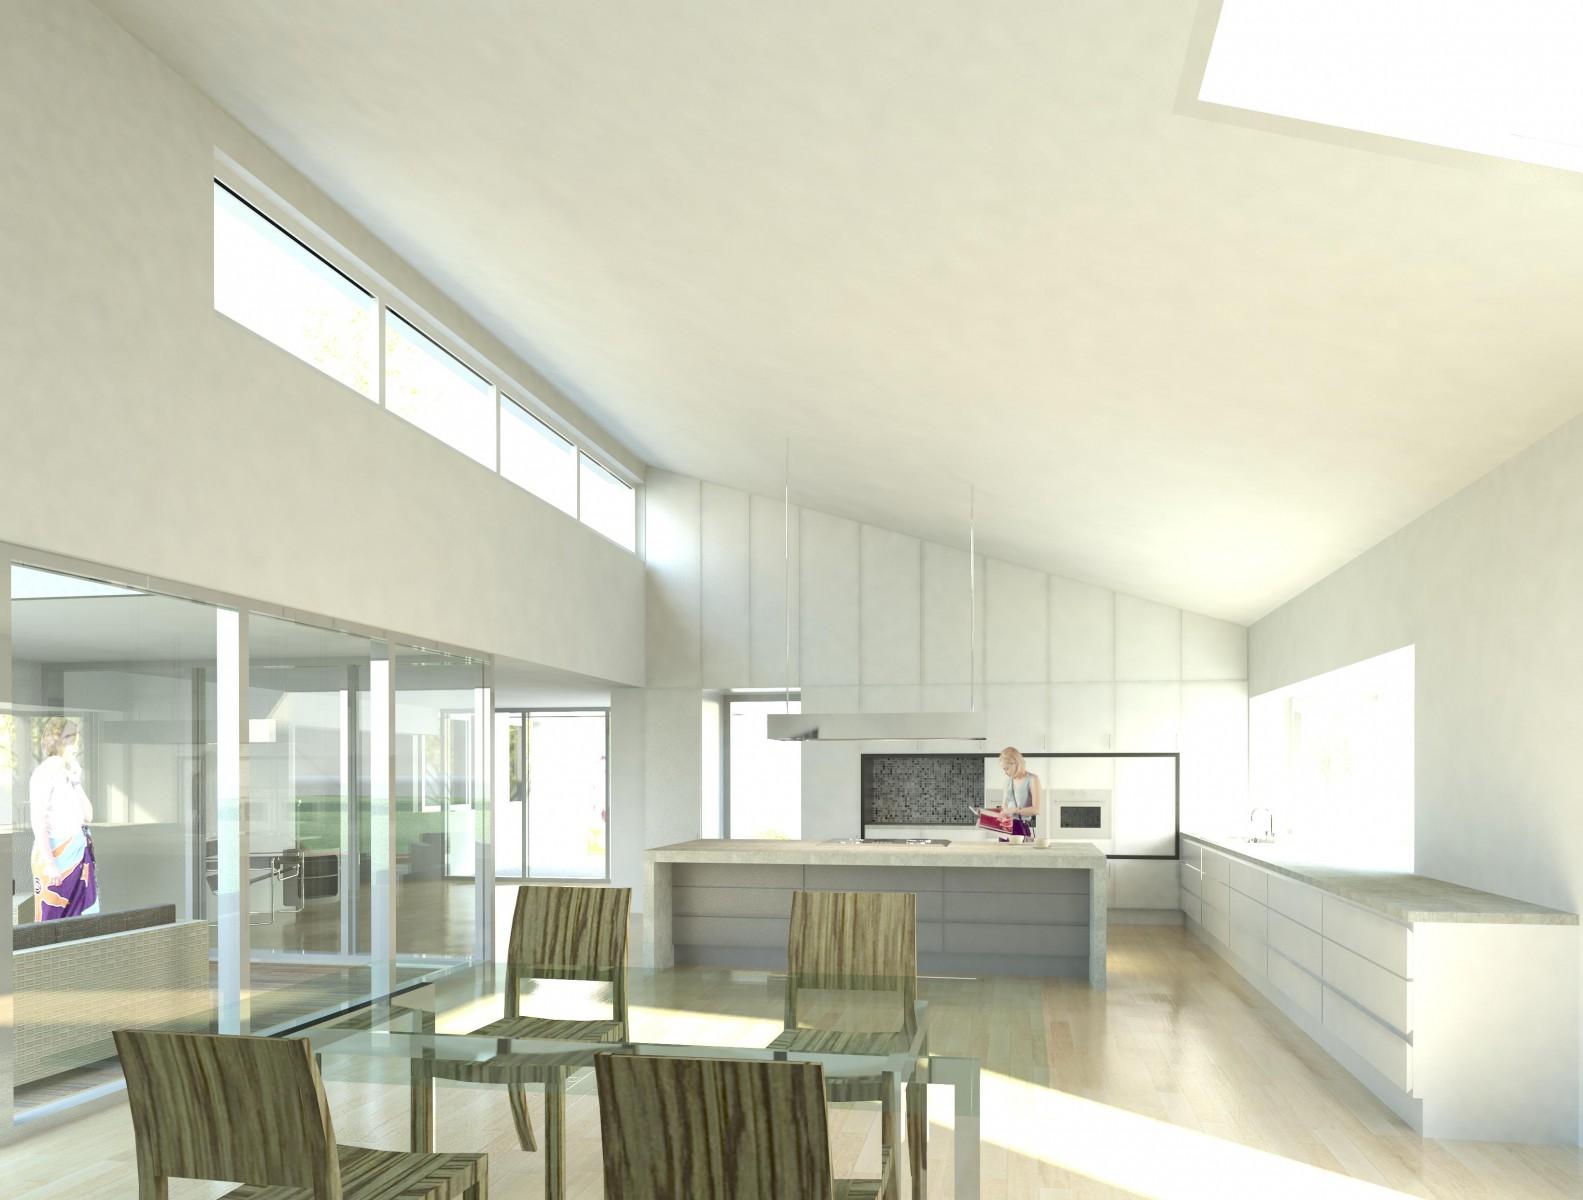 Wohnhaus P_Visualisierung Innenraum